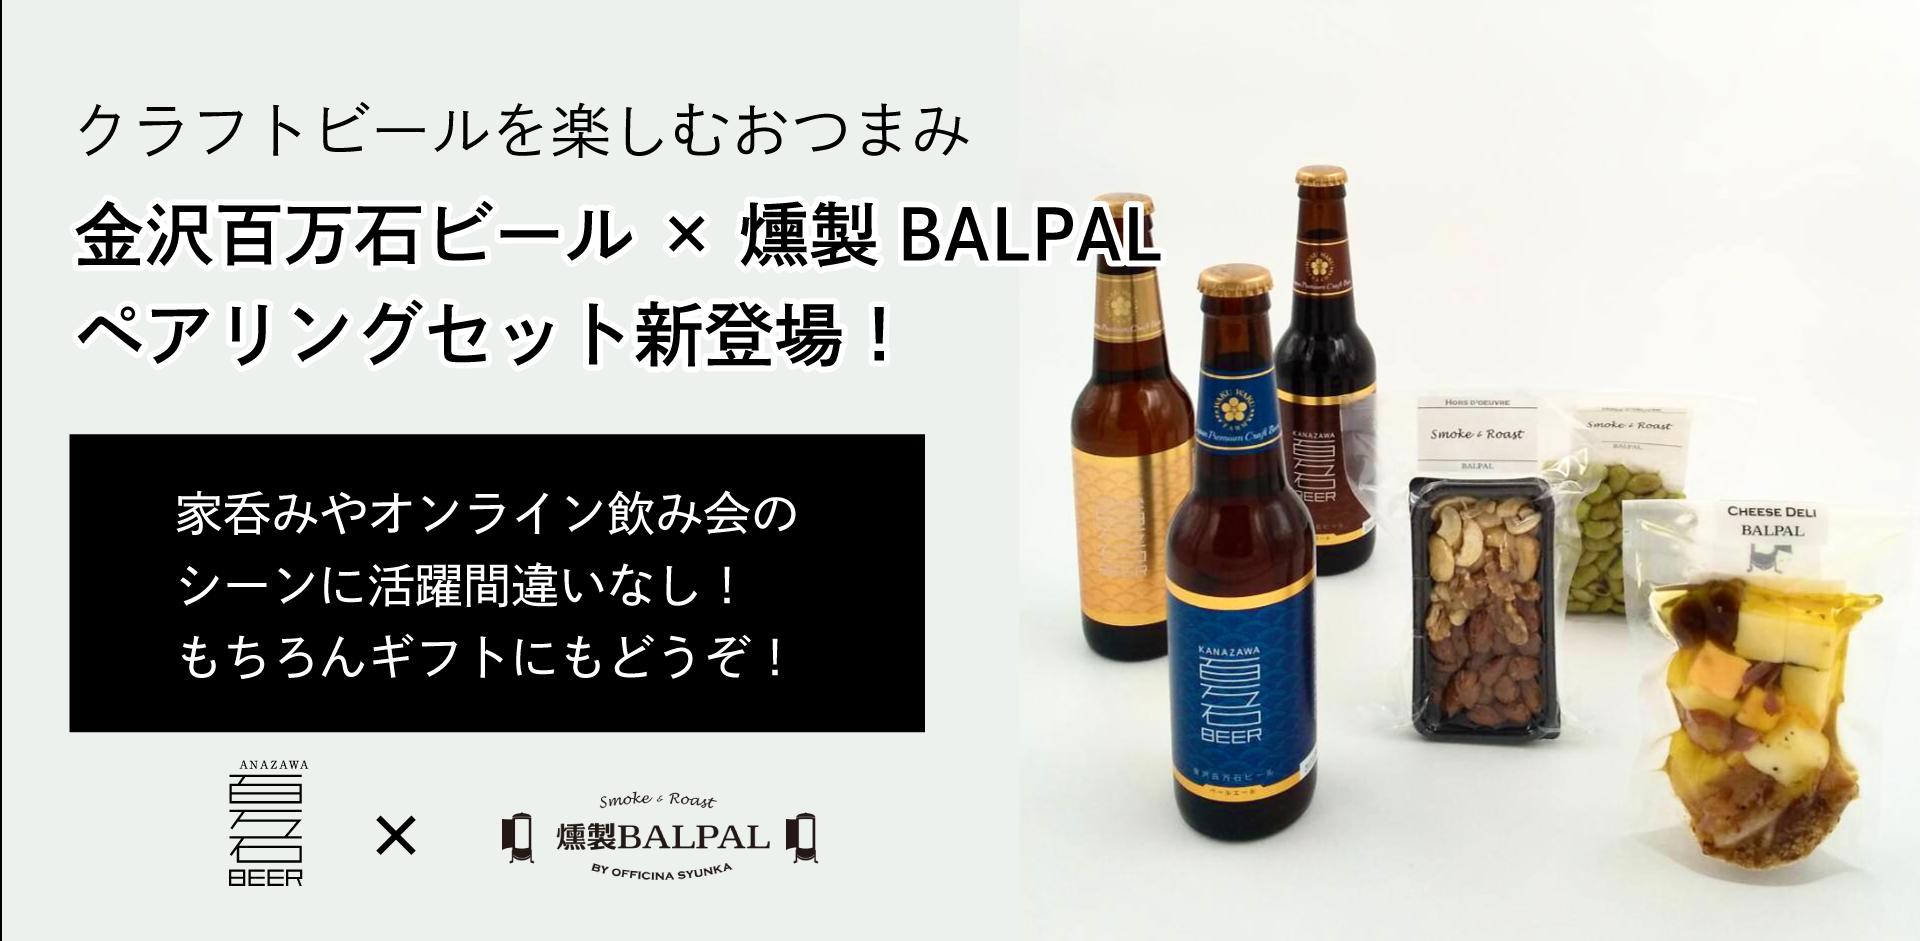 クラフトビールを楽しむおつまみ 金沢百万石ビール×燻製BALPAL ペアリングセット